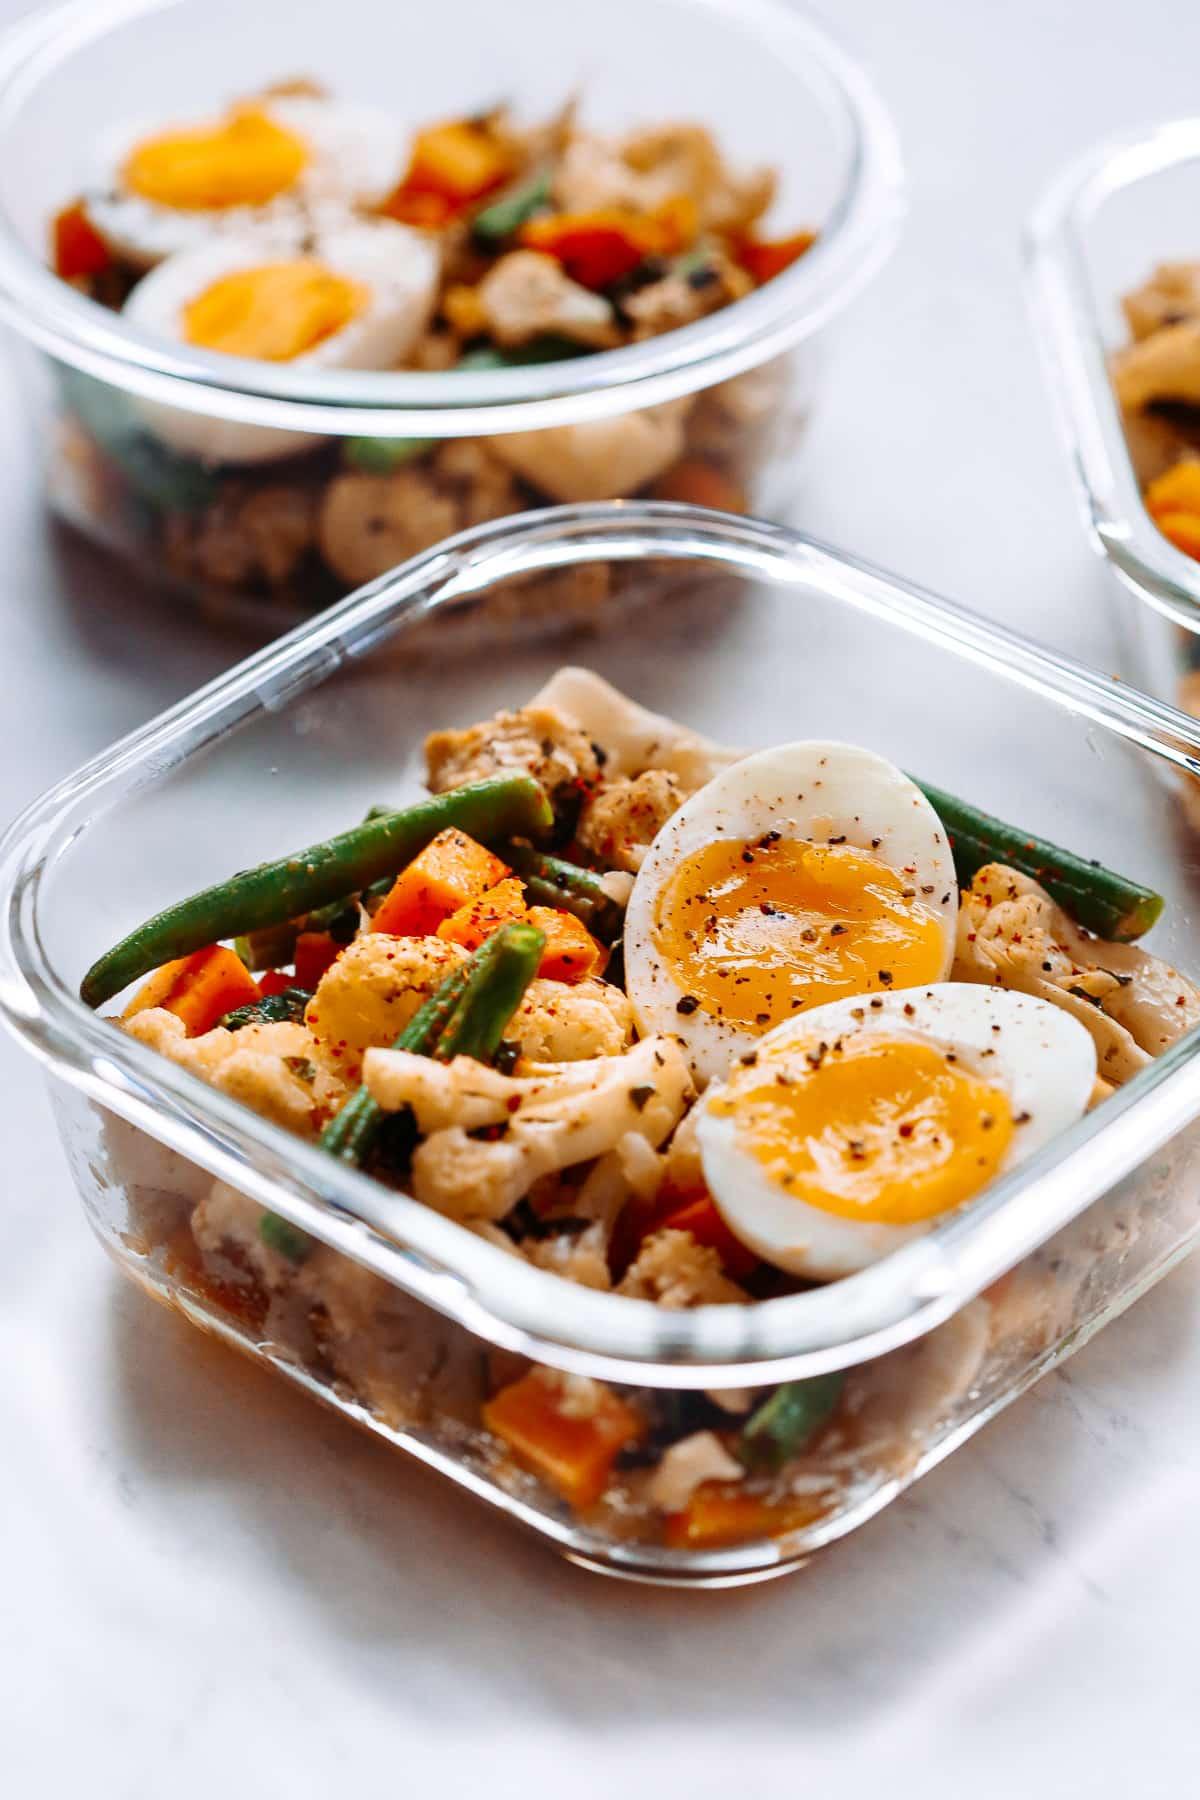 Easy Vegetarian Meal-Prep Bowls (Paleo, Gluten-free & Whoel30)